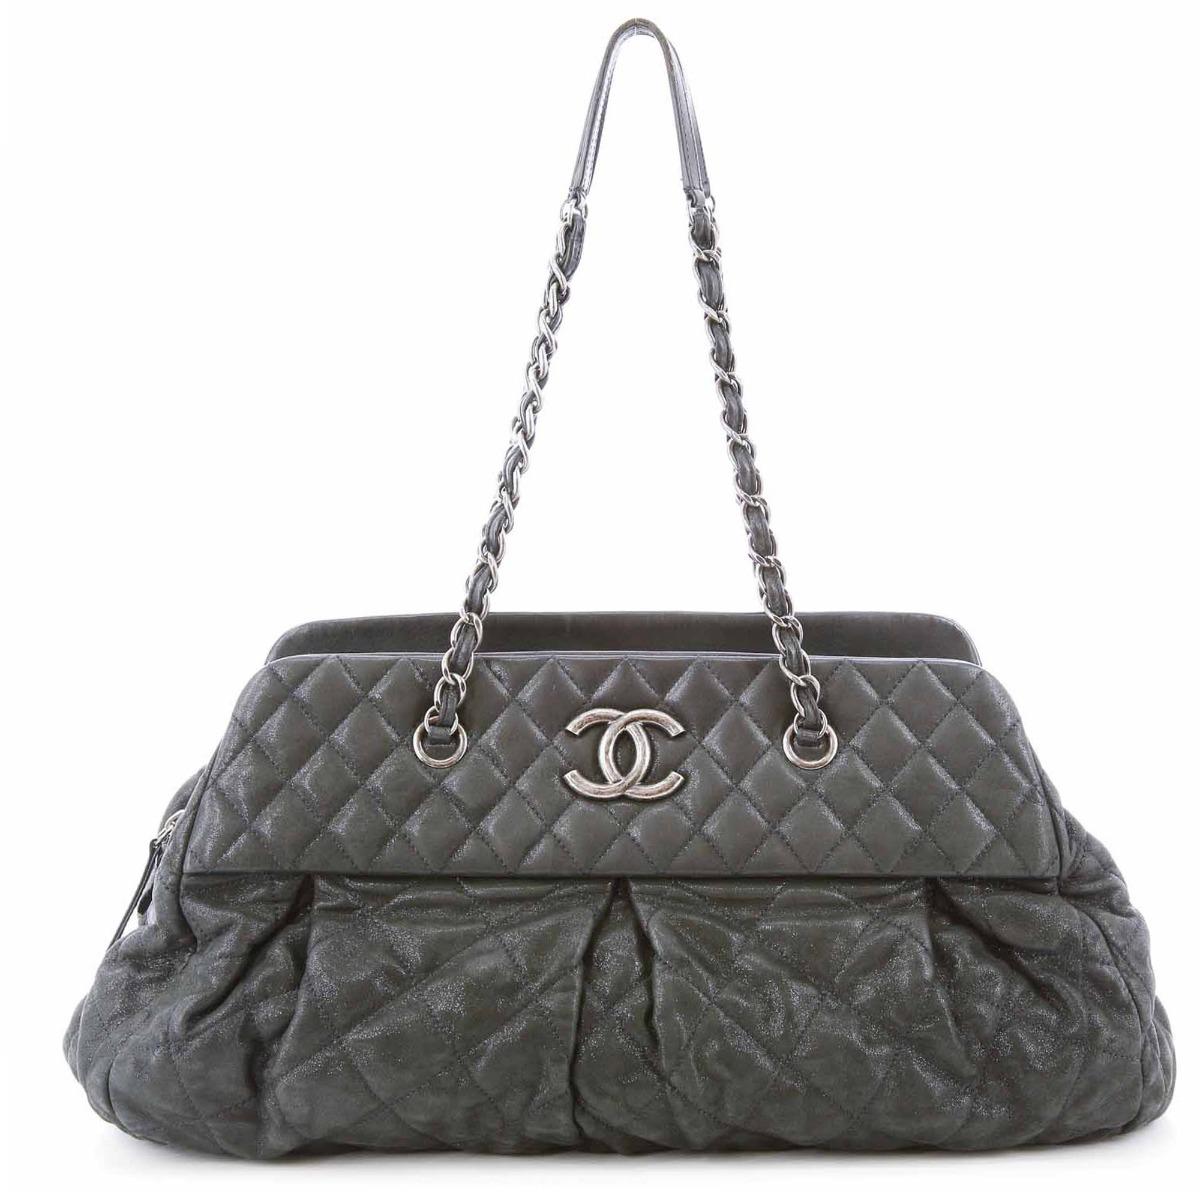 cc296fa67c01 Купить среднюю сумку Chanel за 115600 руб. в интернет магазине ...